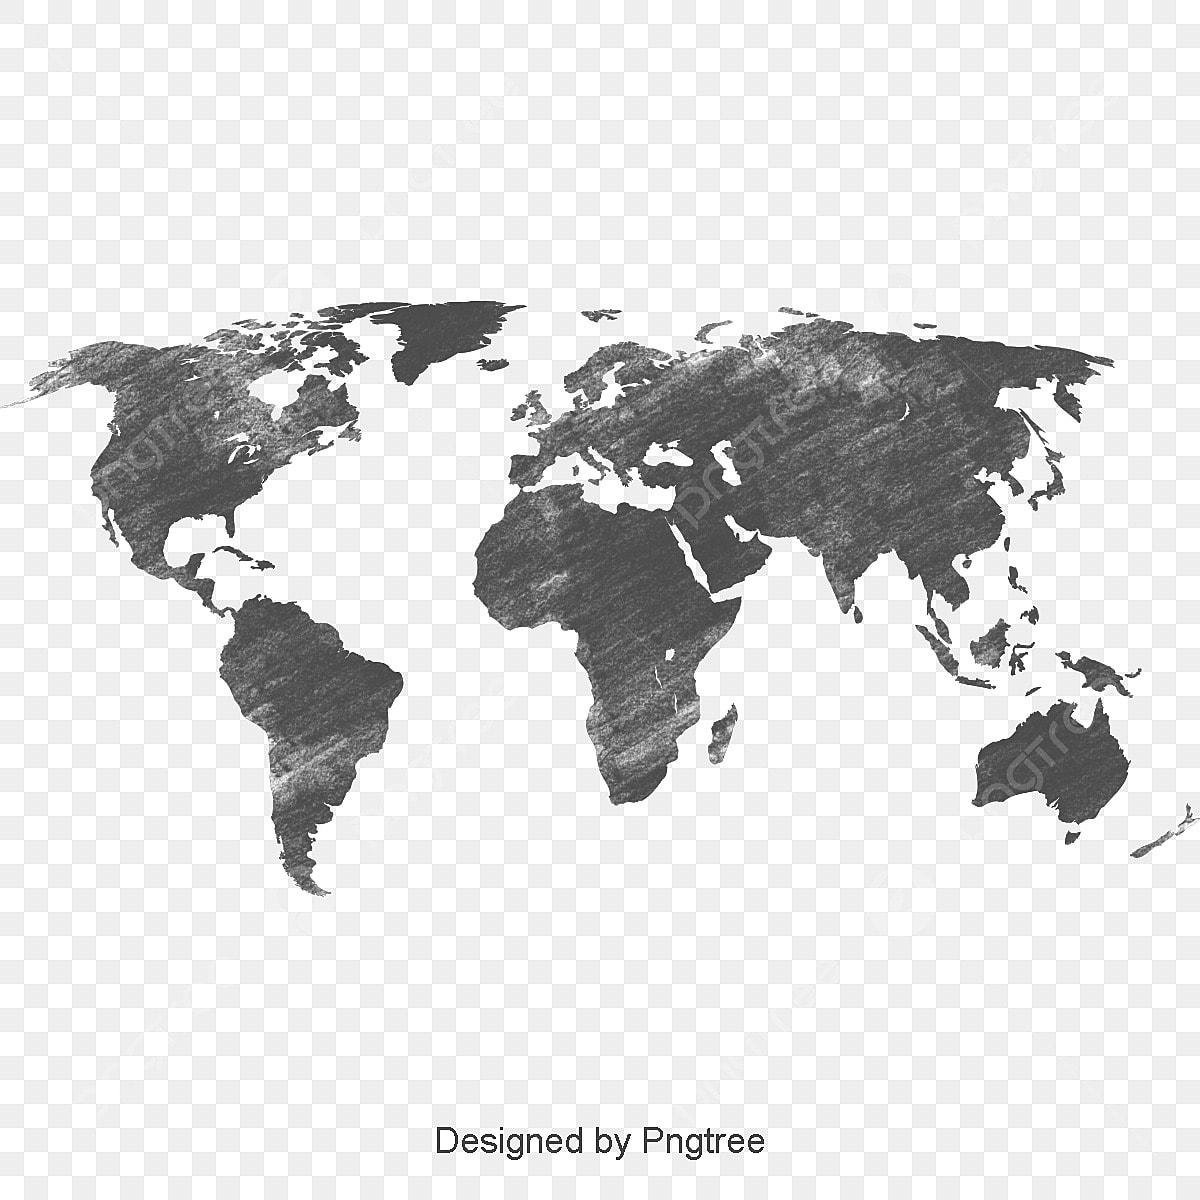 black world map black world map png transparent clipart. Black Bedroom Furniture Sets. Home Design Ideas